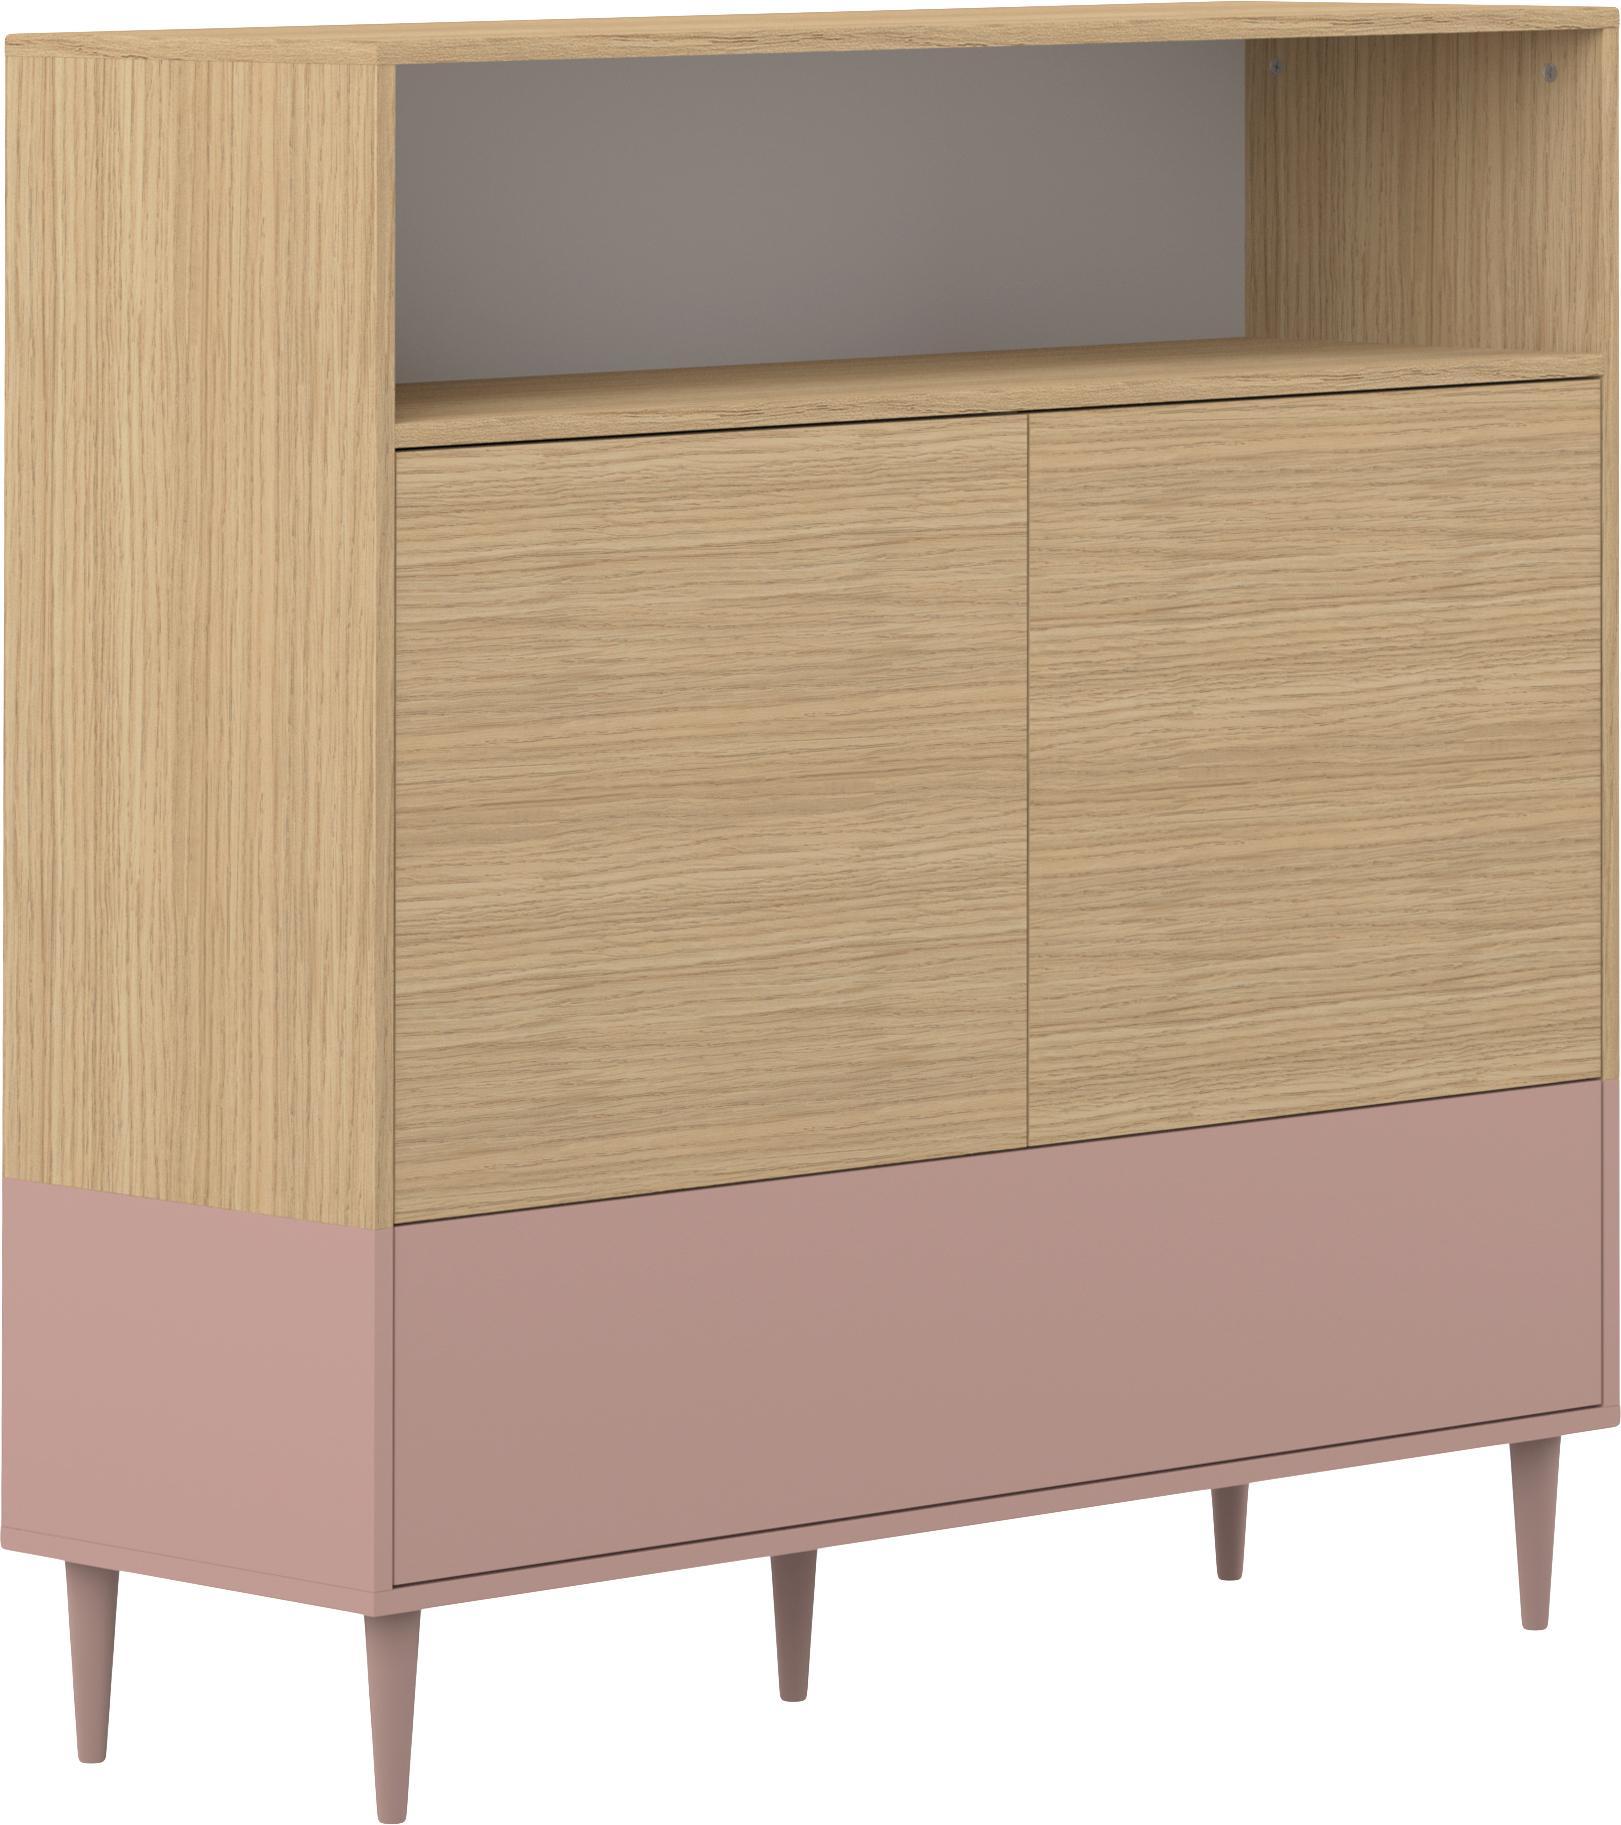 Wysoka komoda scandi Horizon, Korpus: płyta wiórowa pokryta mel, Nogi: lite drewno bukowe, lakie, Drewno dębowe, brudny różowy, S 120 x W 121 cm